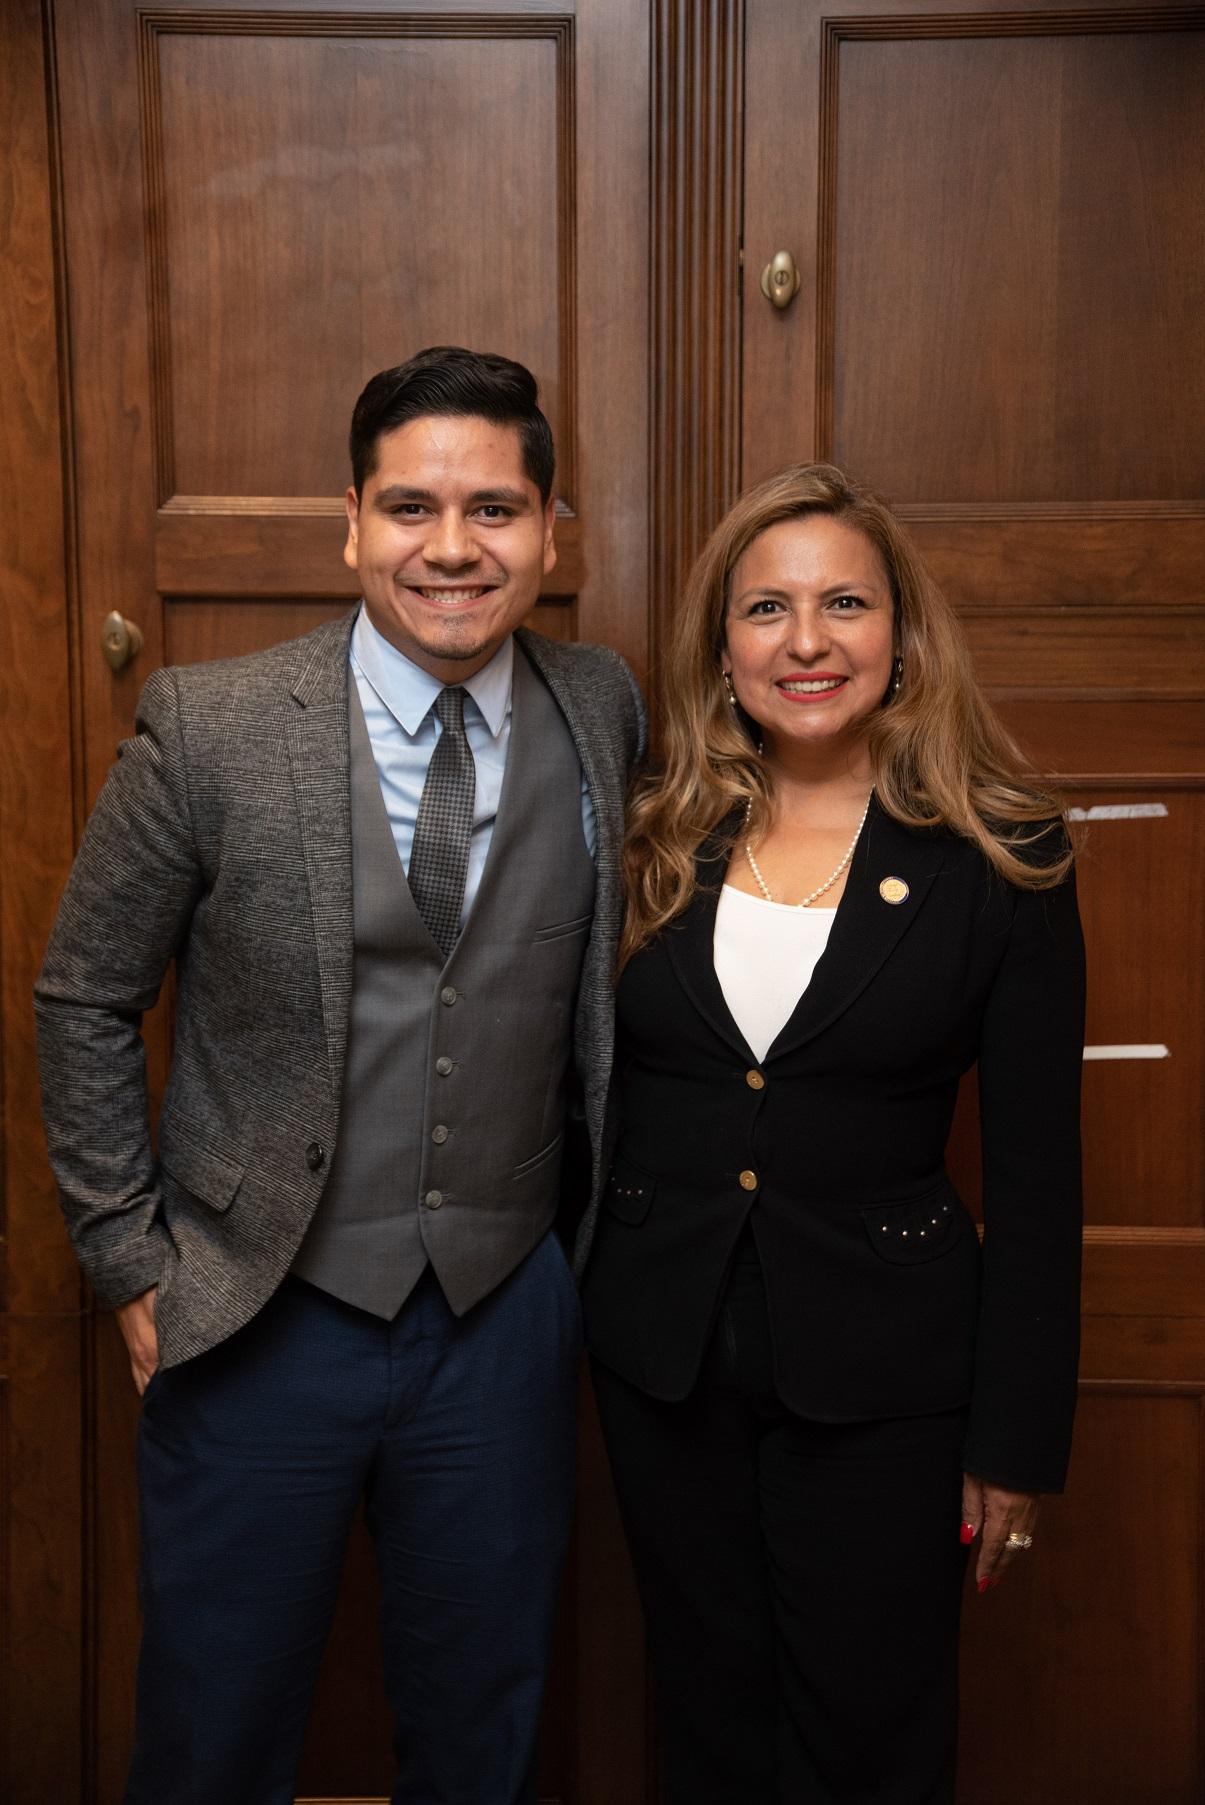 Guzman with Hector Chaidez